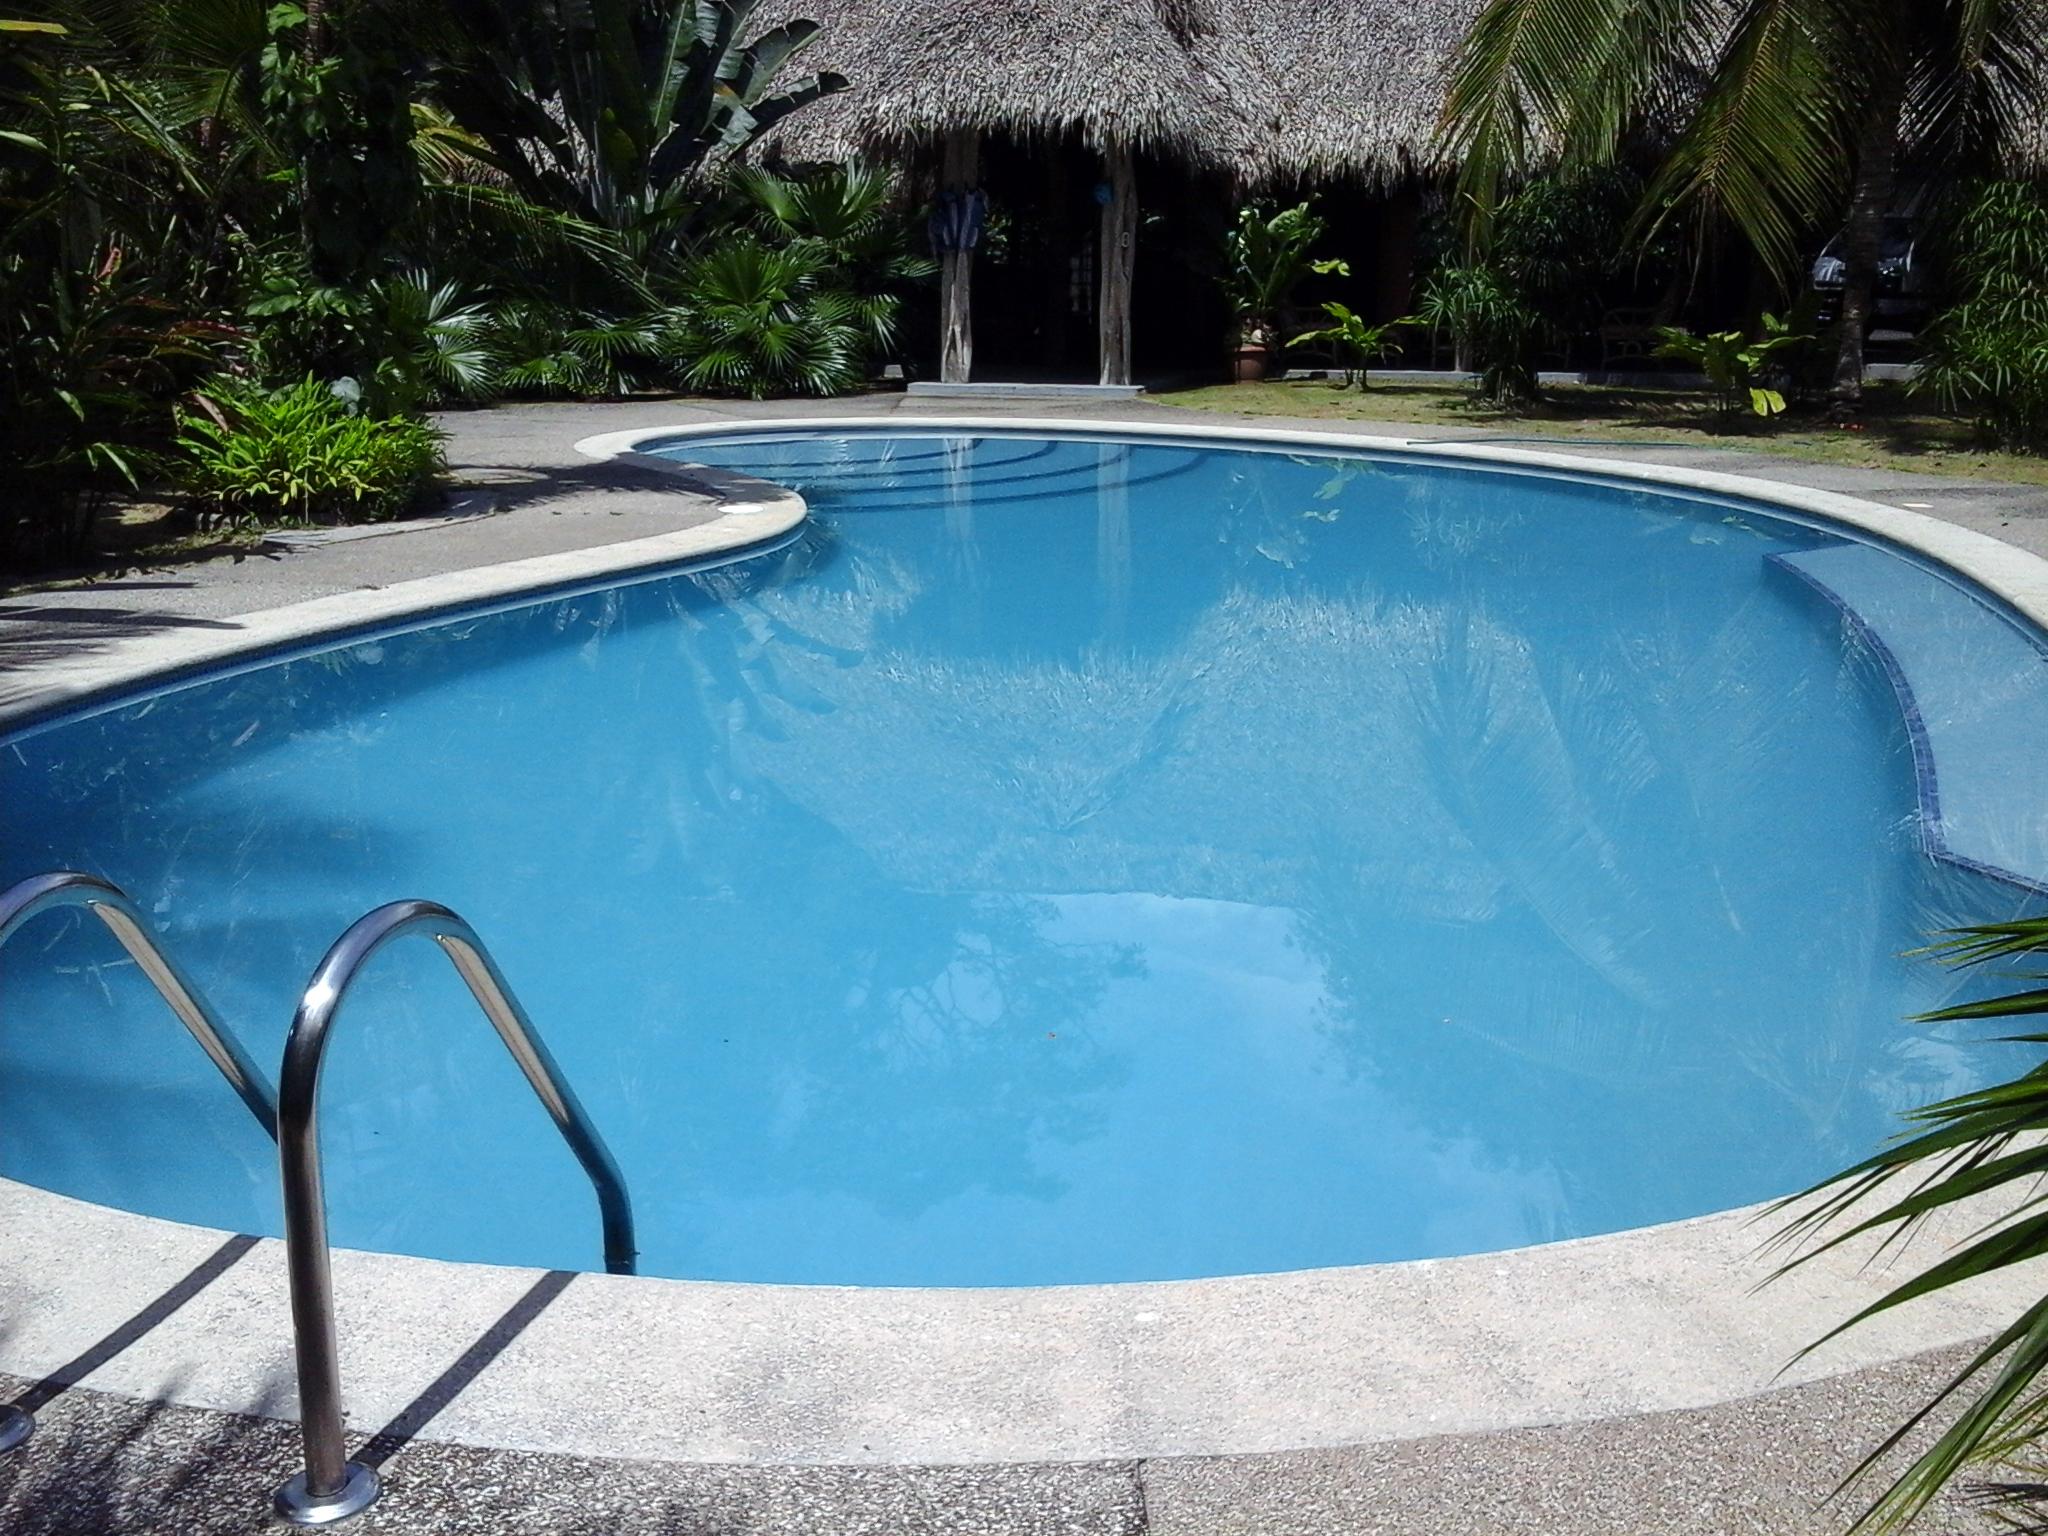 ¿Estás pensando en comprar una piscina?